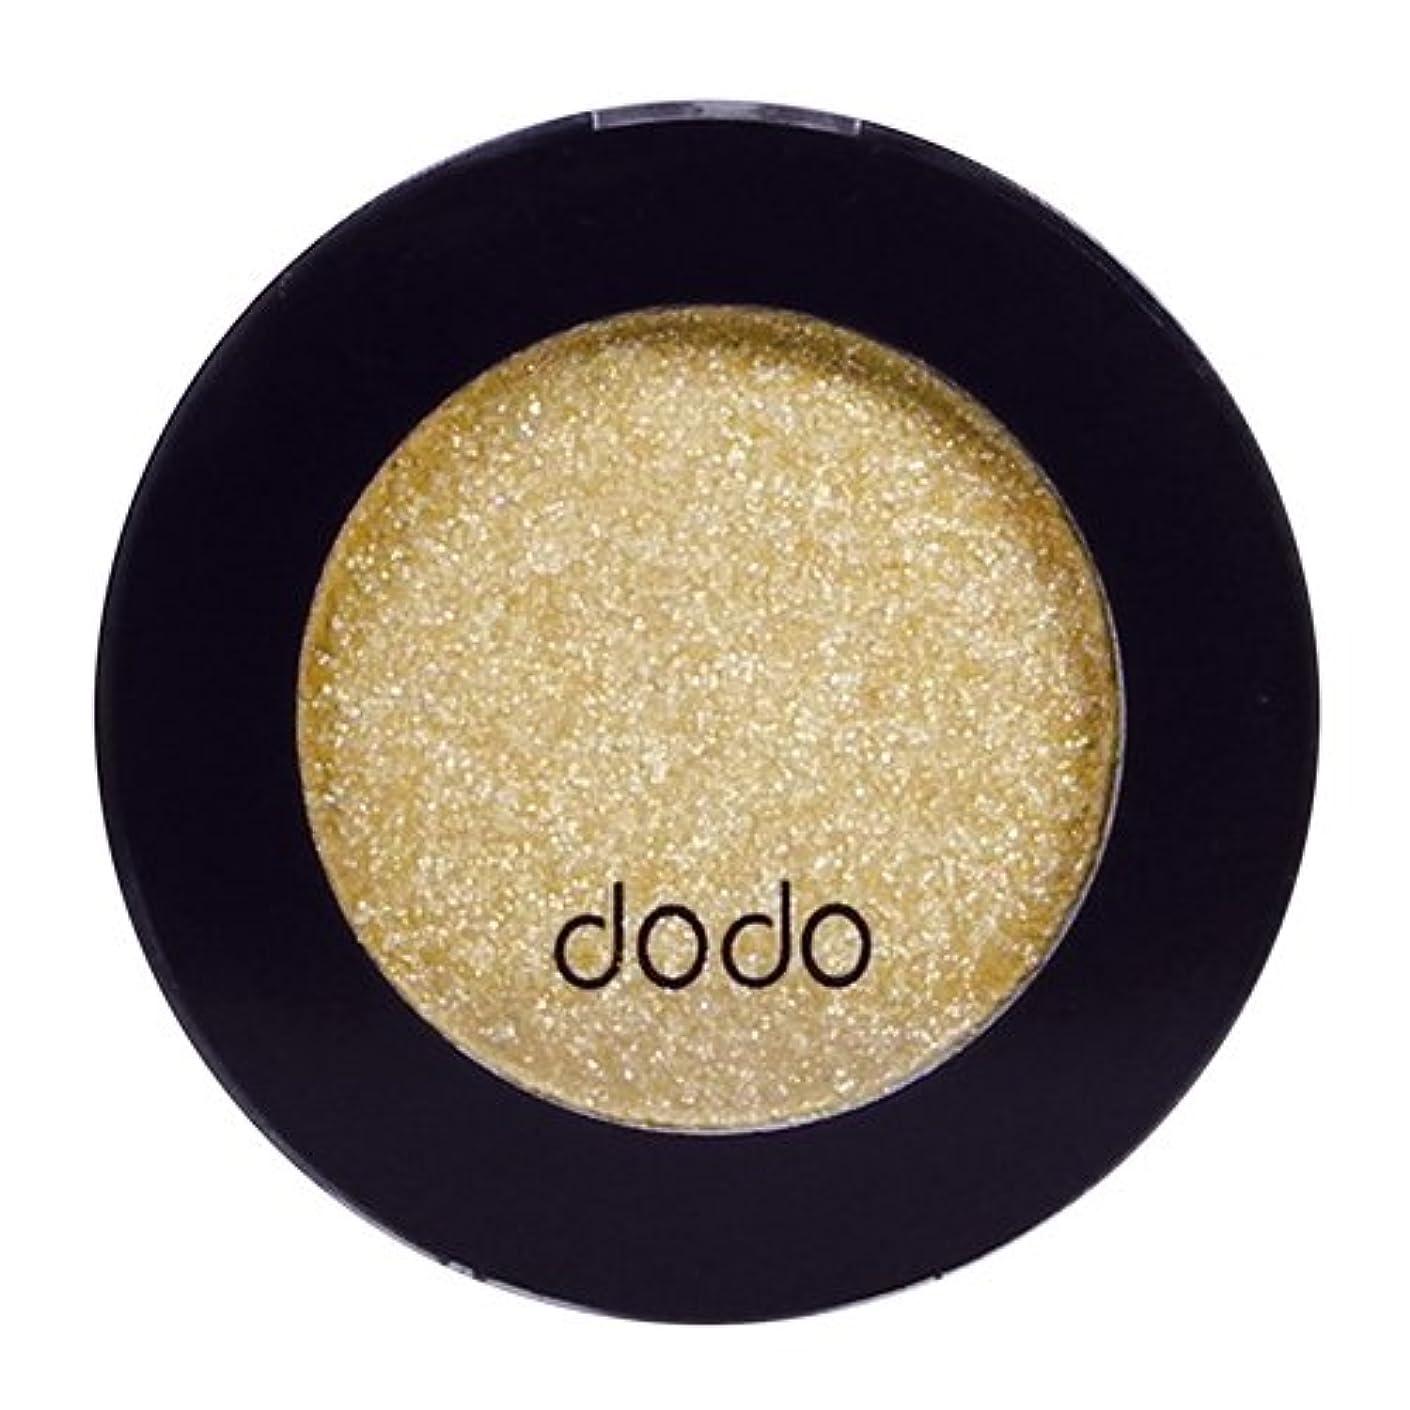 突破口敏感な昨日dodo(ドド) アイシャドウ NO2 ゴールド (2g)